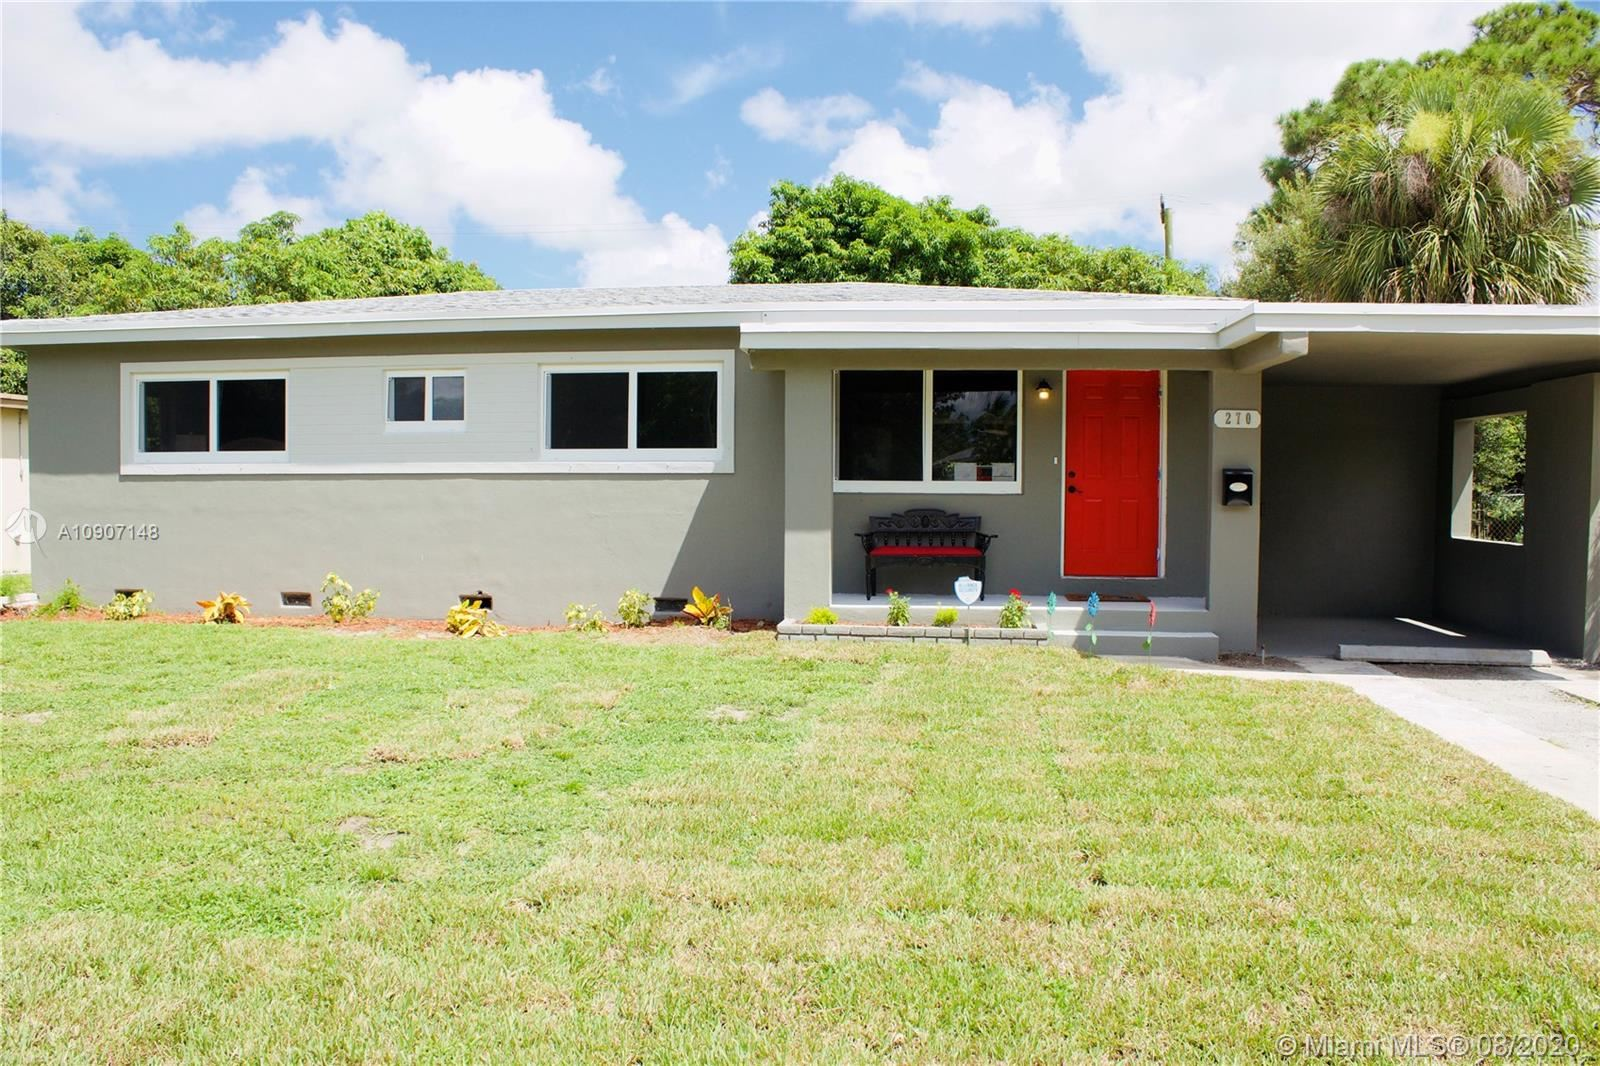 270 Georgia Ave, Fort Lauderdale, FL 33312 - #: A10907148